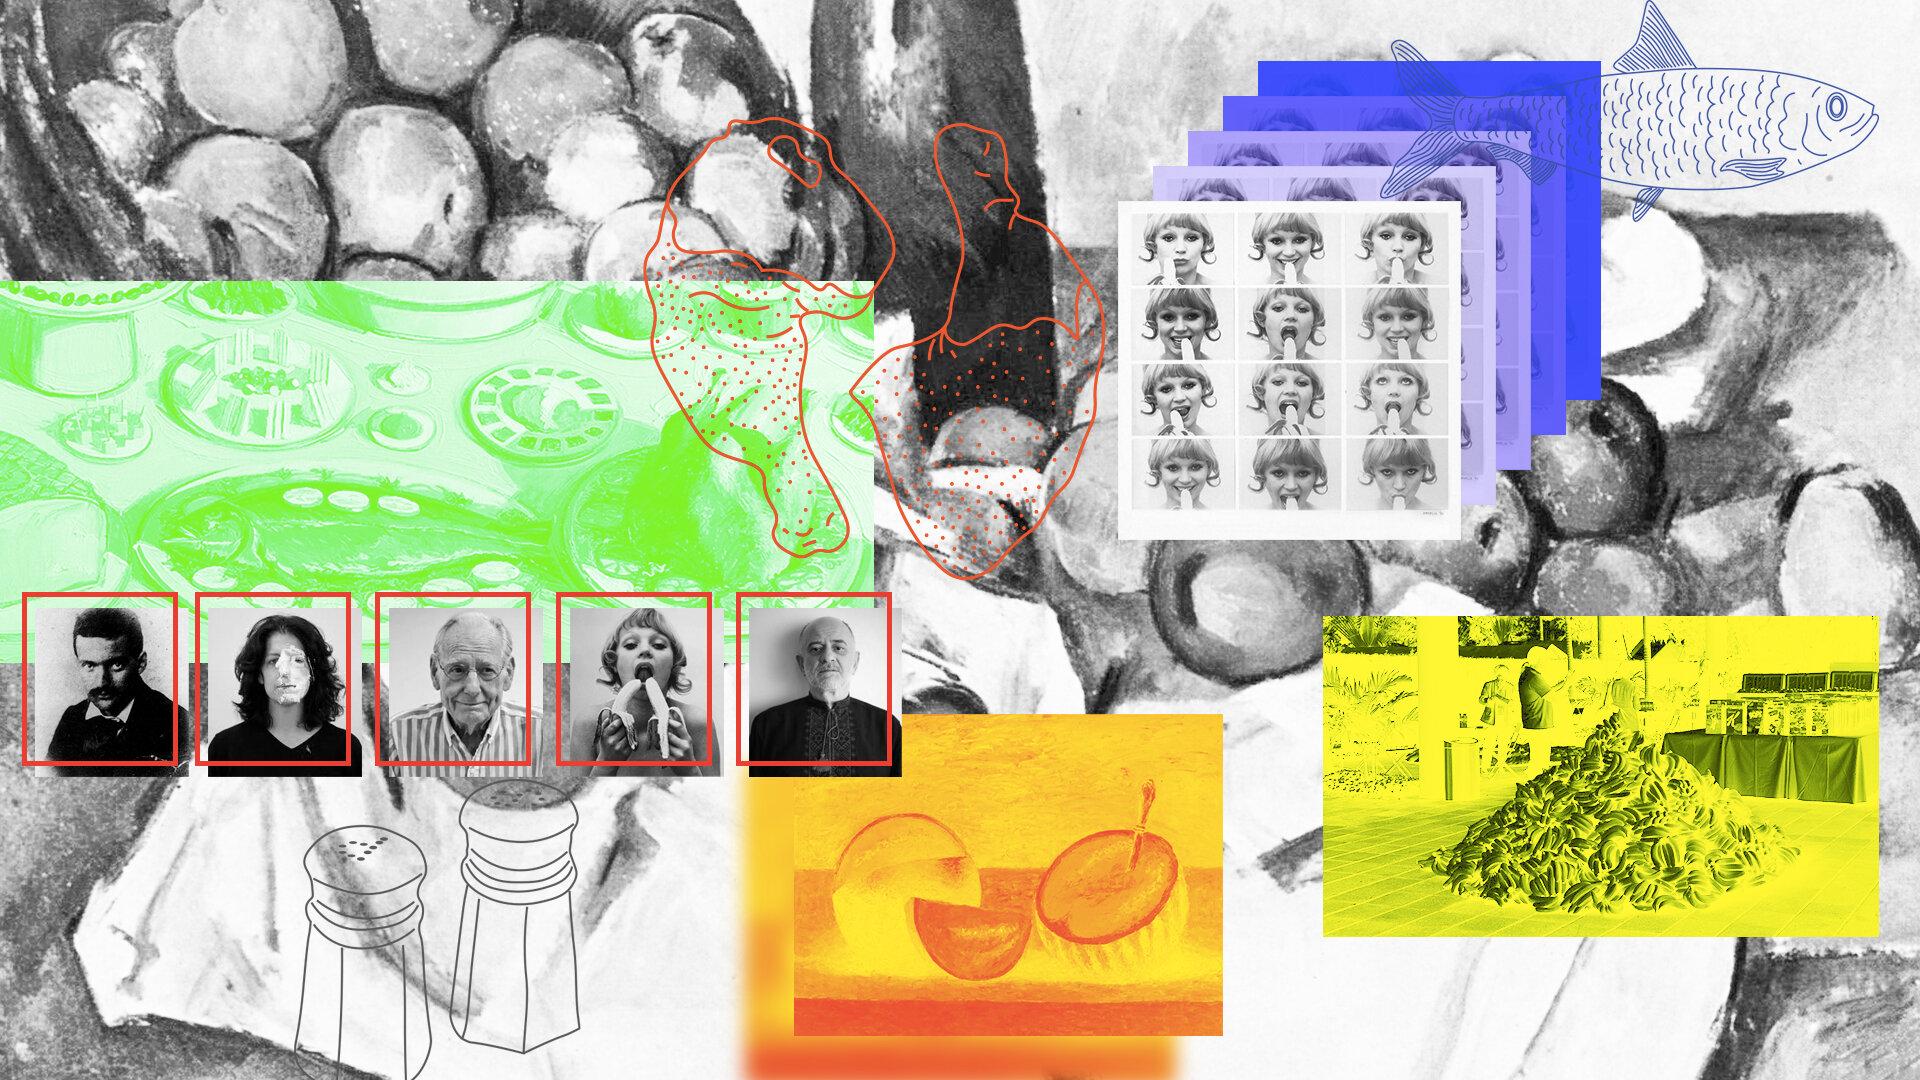 Foodies та художники: 5 рецептів для авторів робіт з їжею